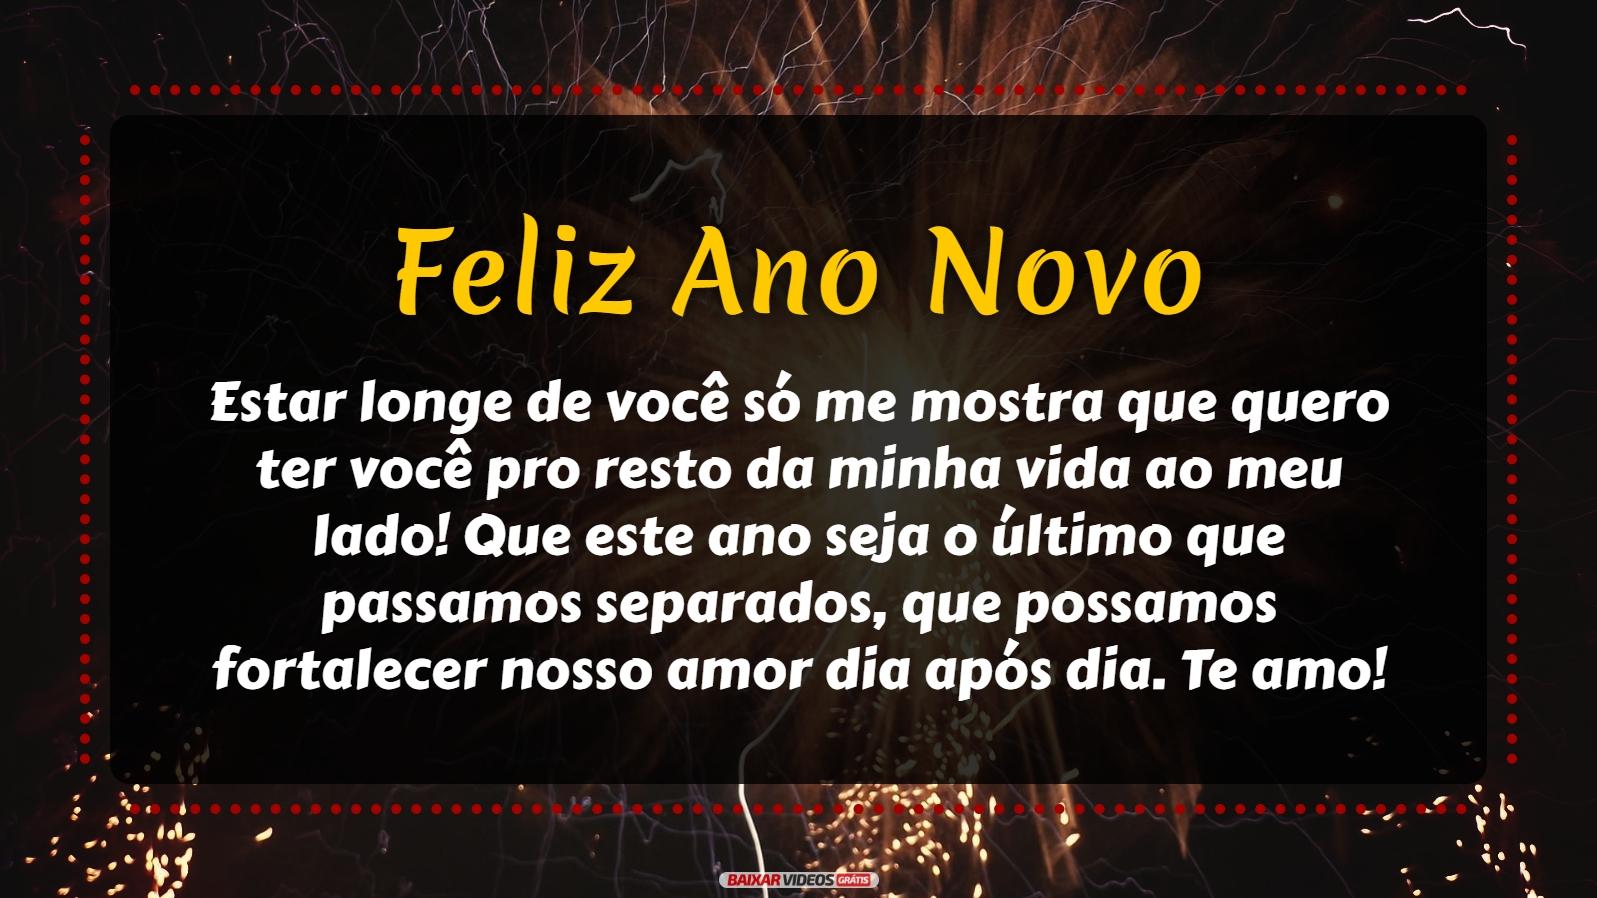 Estar longe de você só me mostra que quero ter você pro resto da minha vida ao meu lado! Que este ano seja o último que passamos separados, que possamos fortalecer nosso amor dia após dia! Te amo, Feliz Ano Novo!